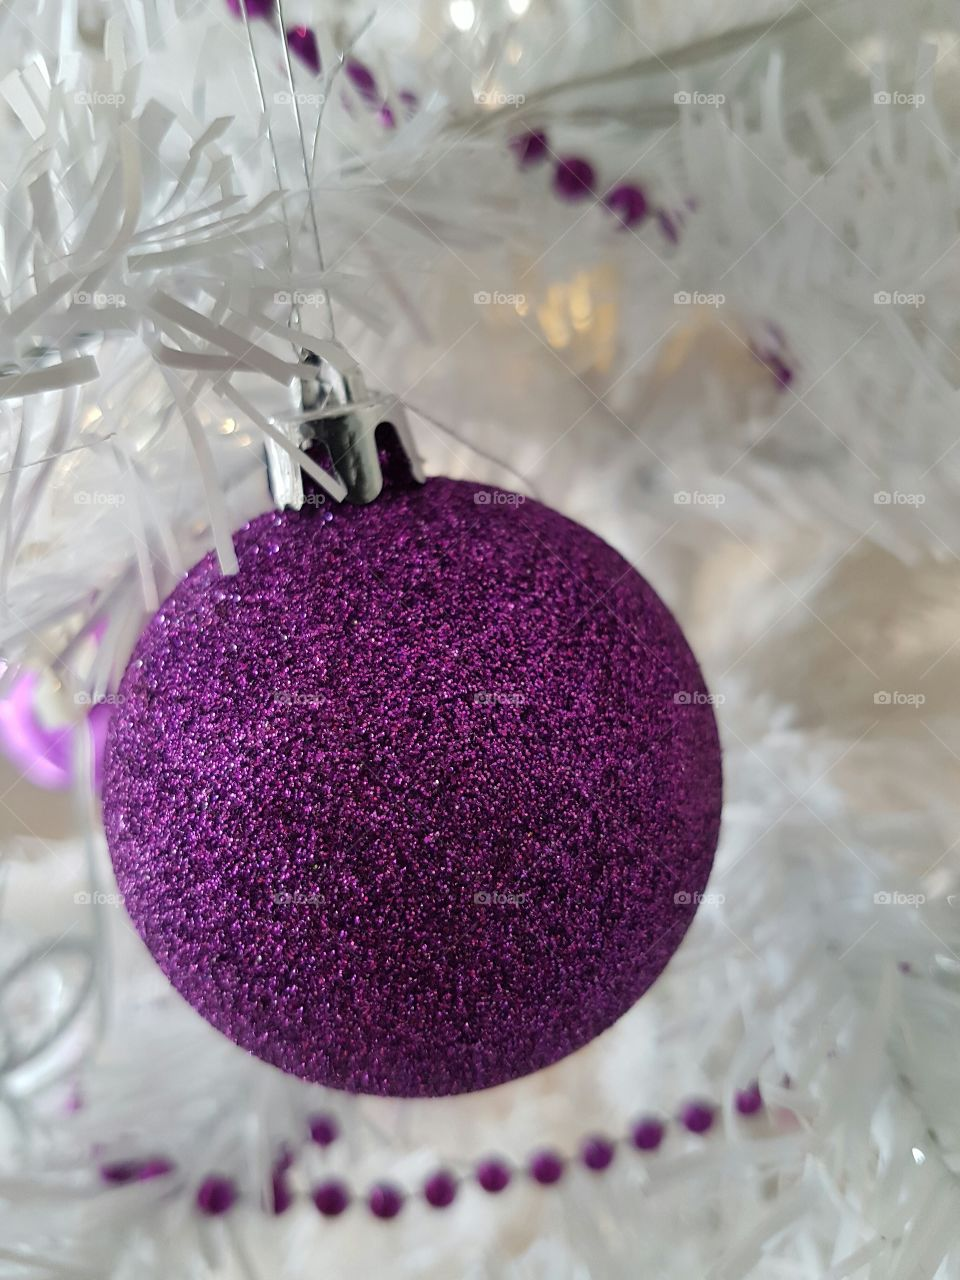 Lila Weihnachtskugel am Weihnachtsbaum